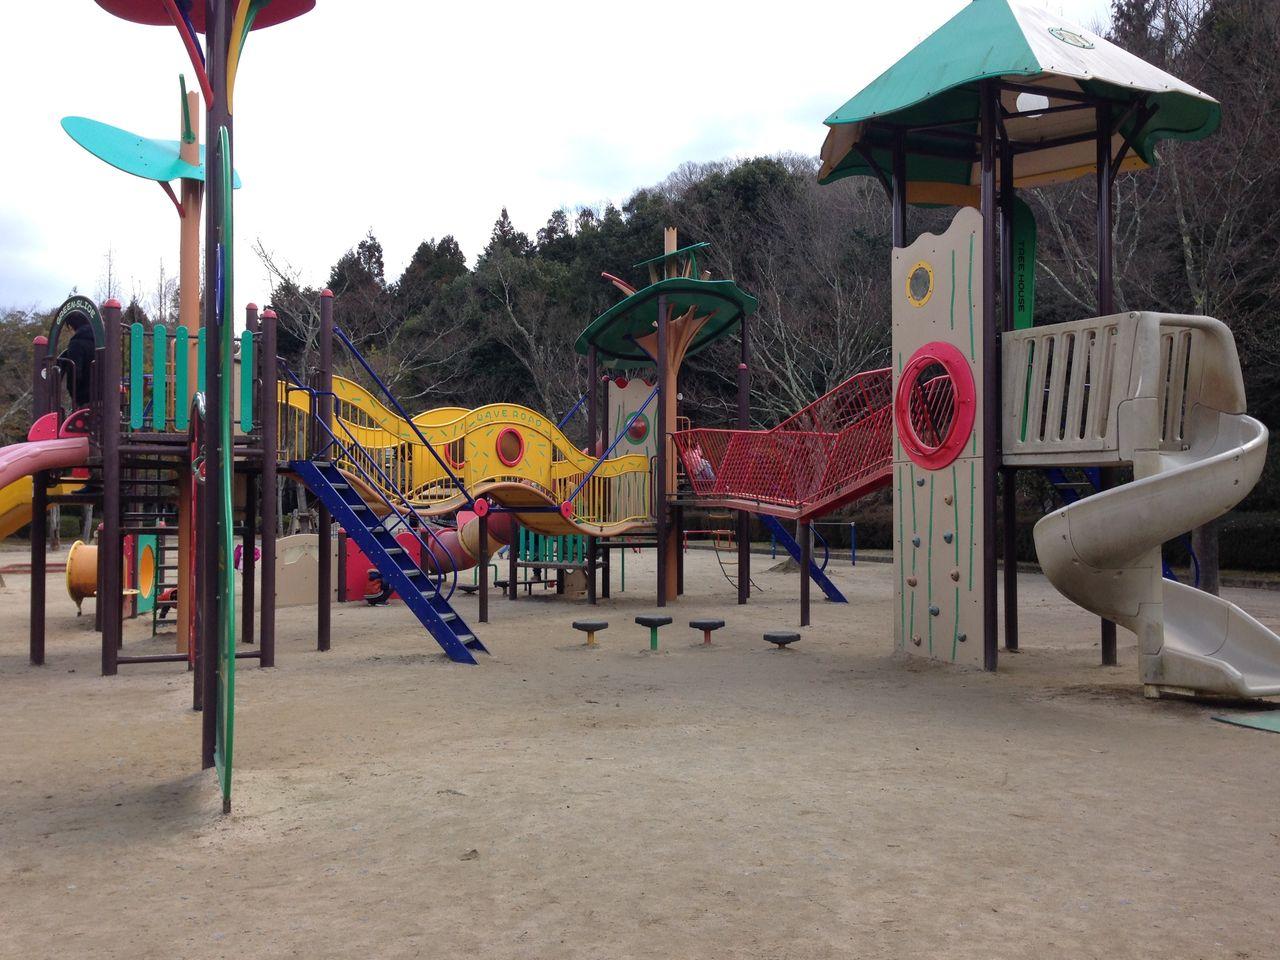 鏡山公園(東広島市) : 子どもといっしょに何する?@広島